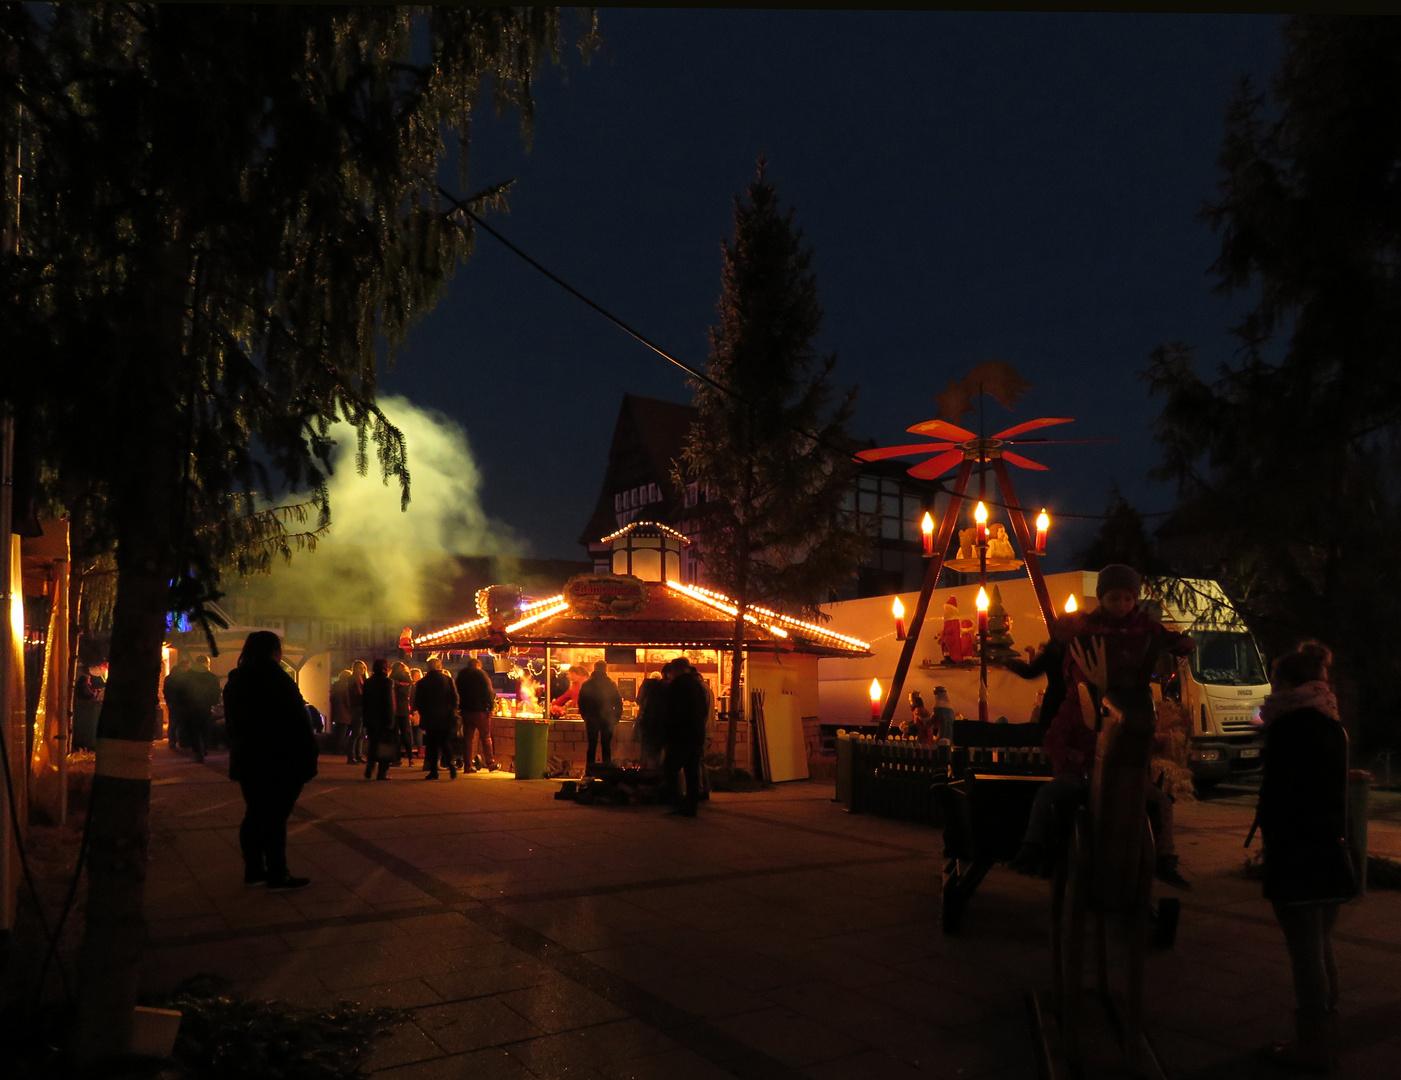 Weihnachtsmarkt Salzwedel.Noch Mal Ein Stimmungsbild Vom Weihnachtsmarkt In Salzwedel Foto